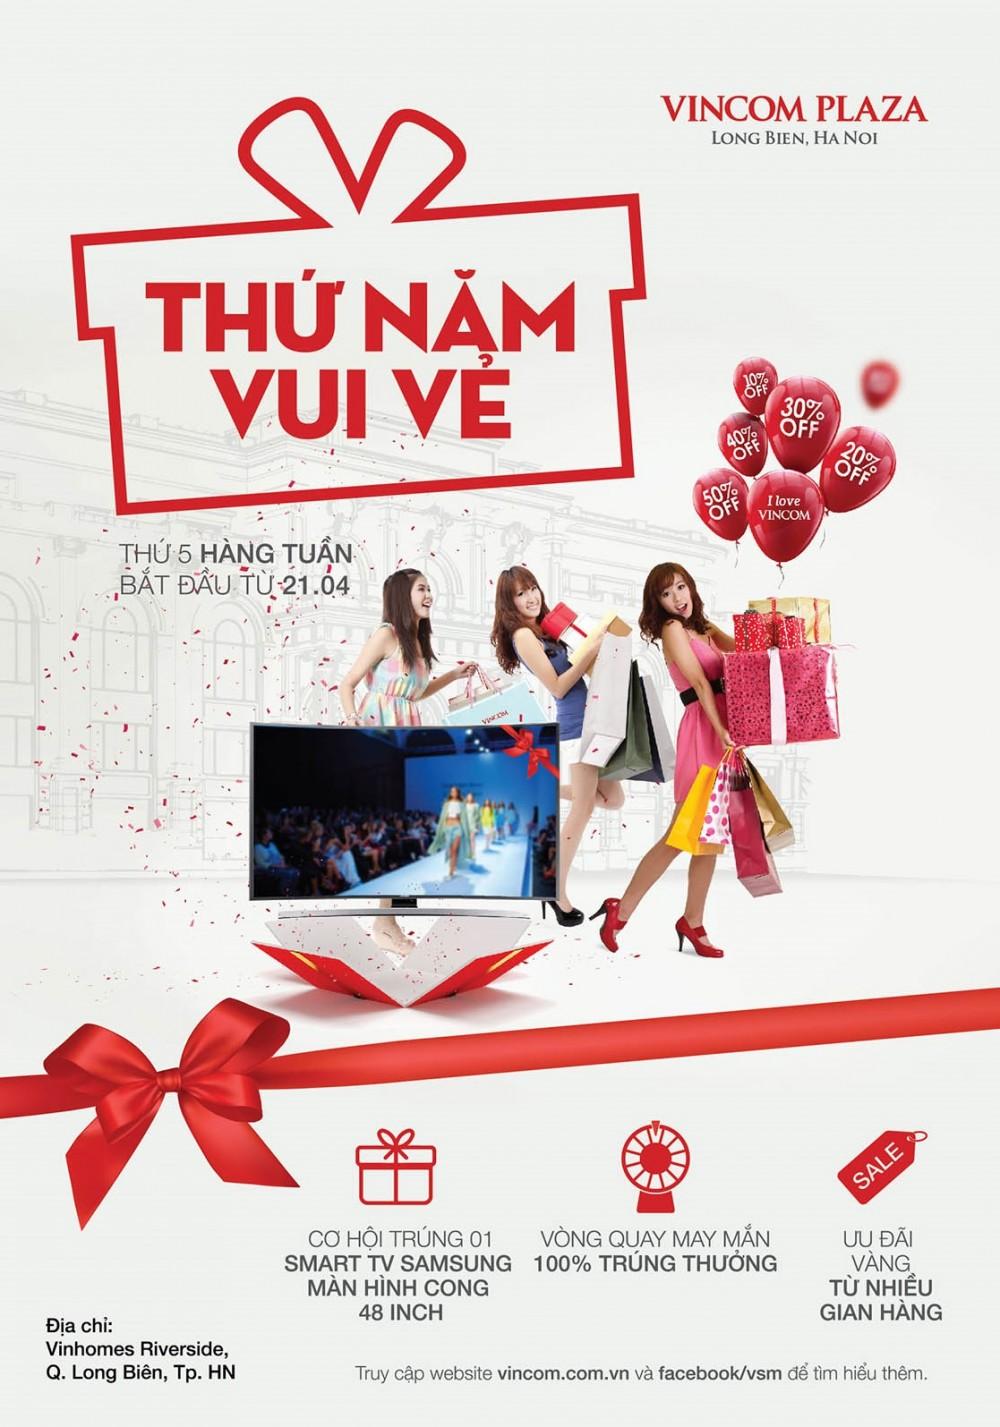 'Thứ Năm Vui vẻ' tại Vincom Plaza Long Biên, Hà Nội